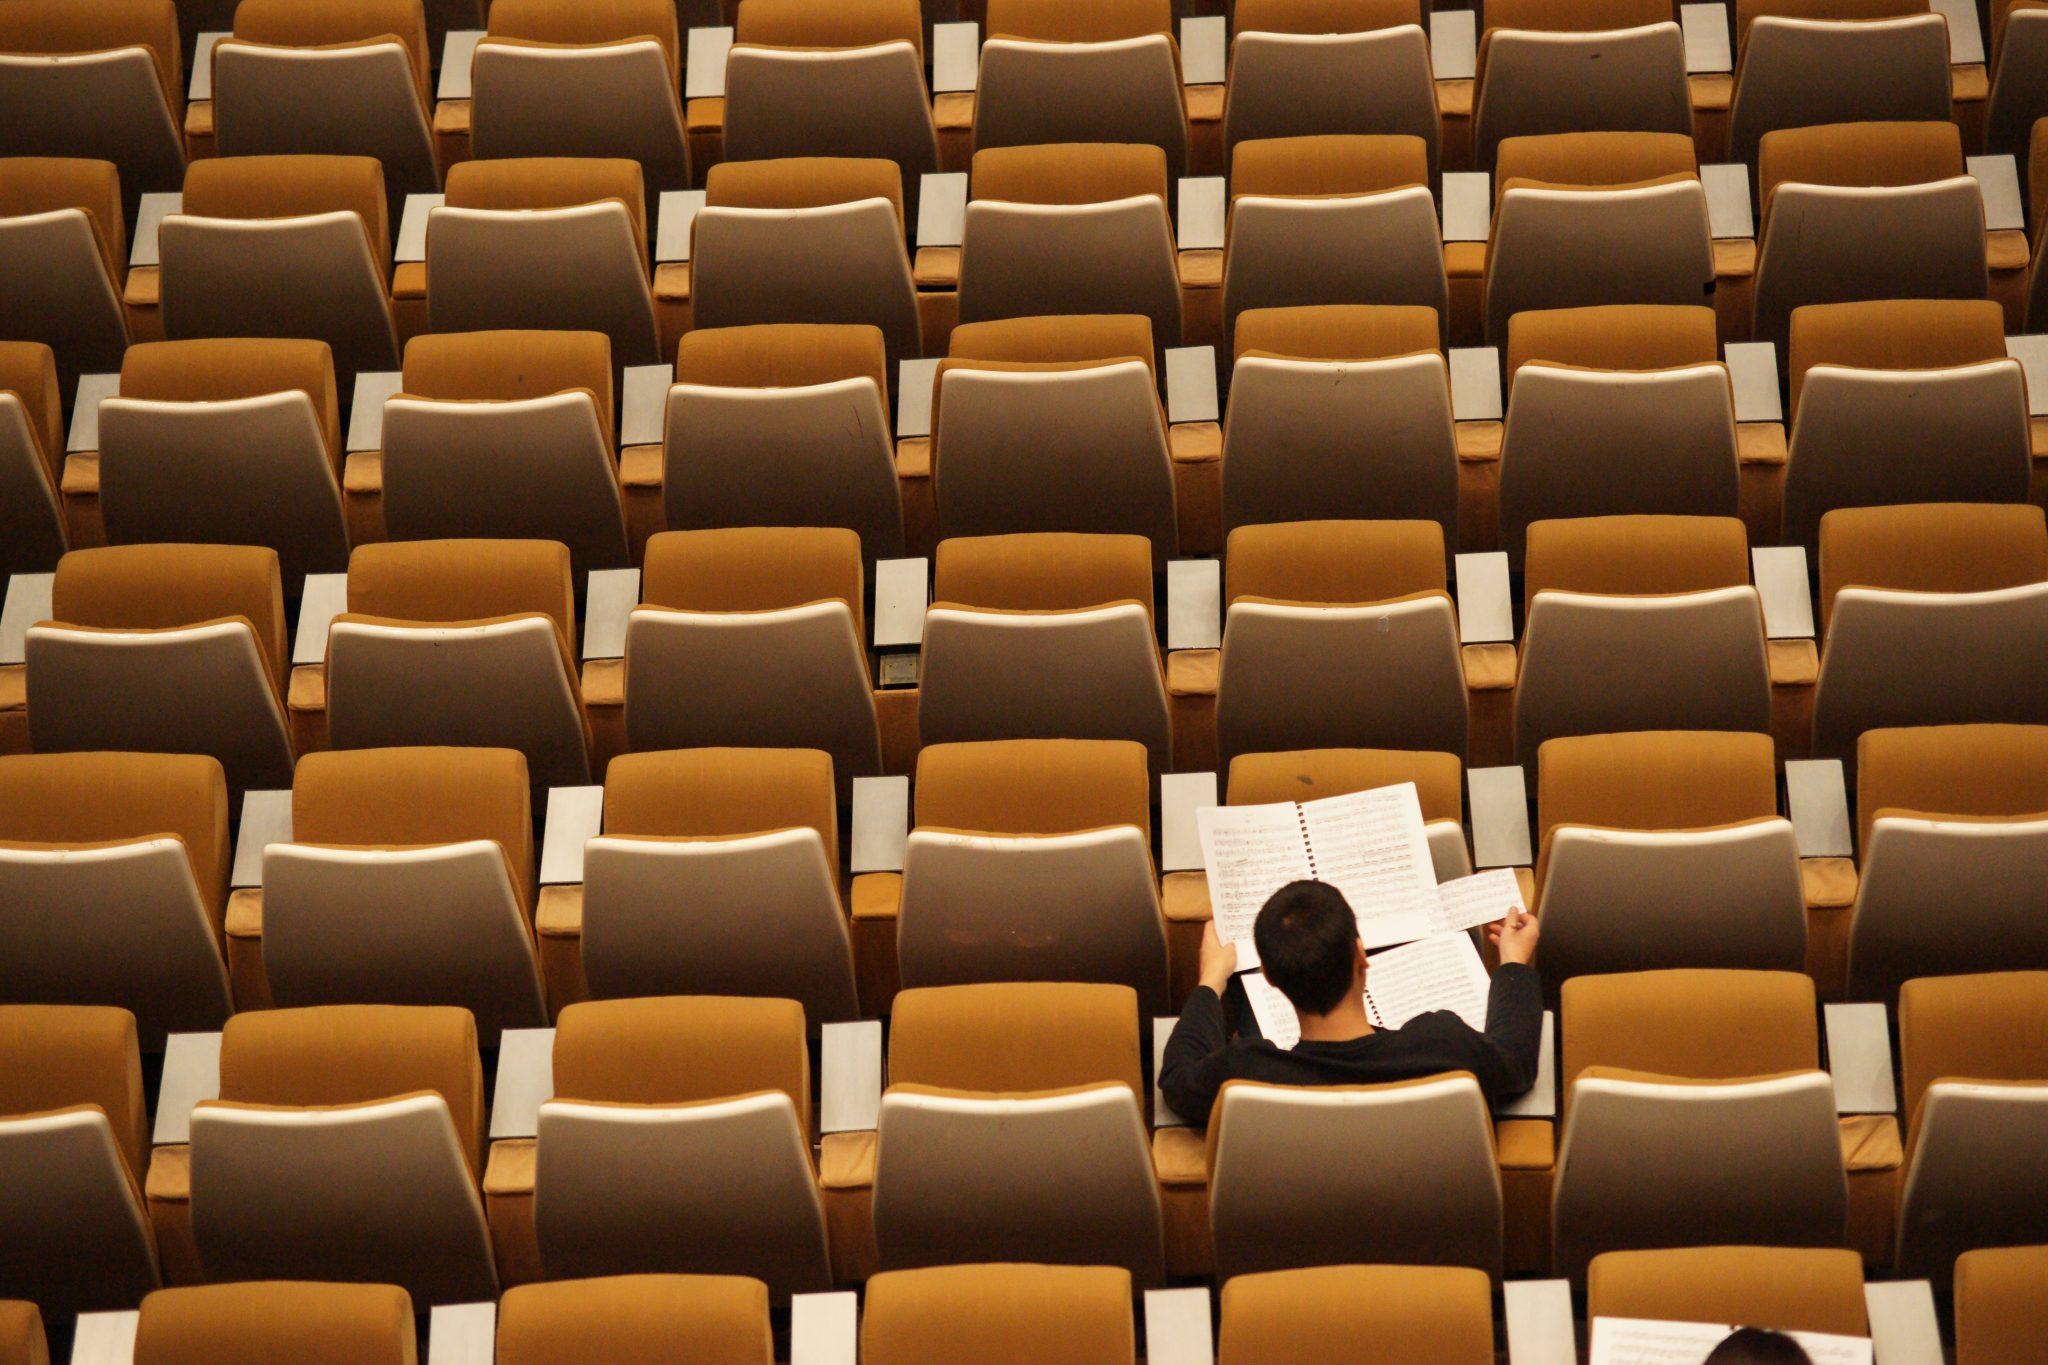 Tyhjiä penkkirivejä, yksi opiskelija istuu penkillä lukemassa nuotteja.